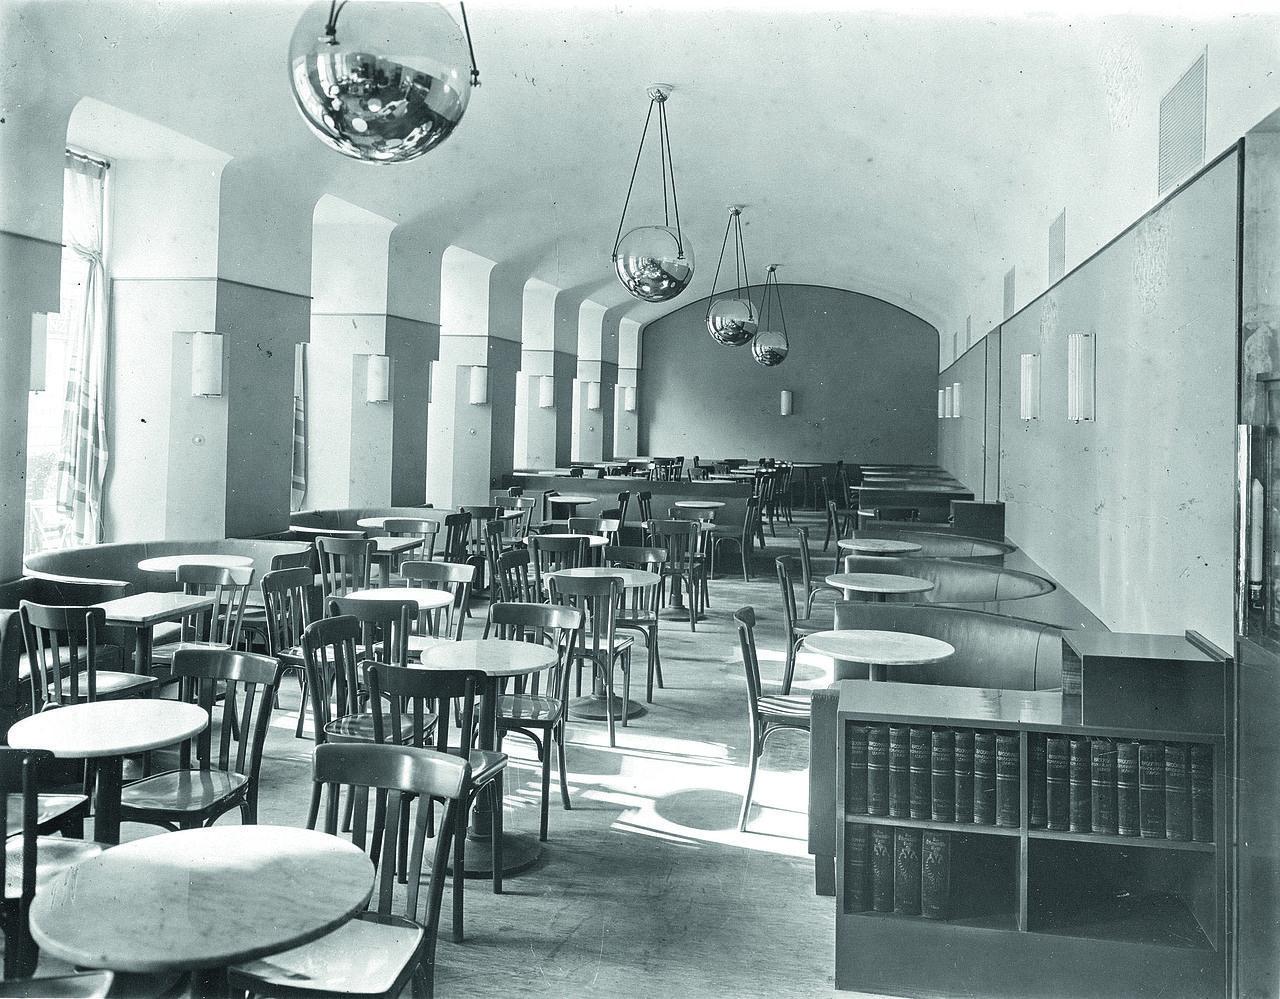 El interior del Museo de en Viena en los 1930s. Image © Querfeld via Wikimedia